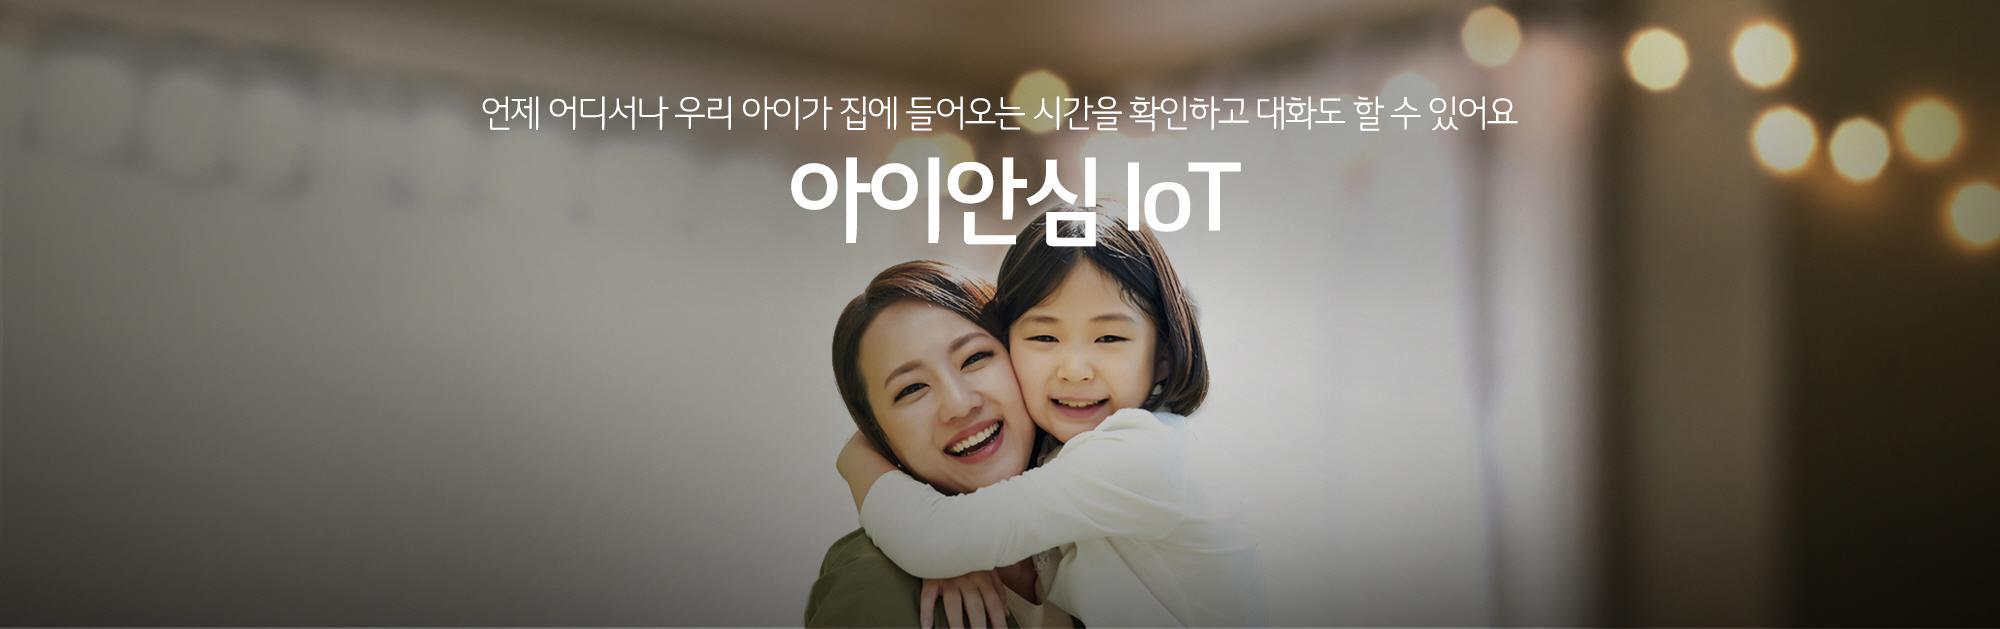 아이안심 IoT